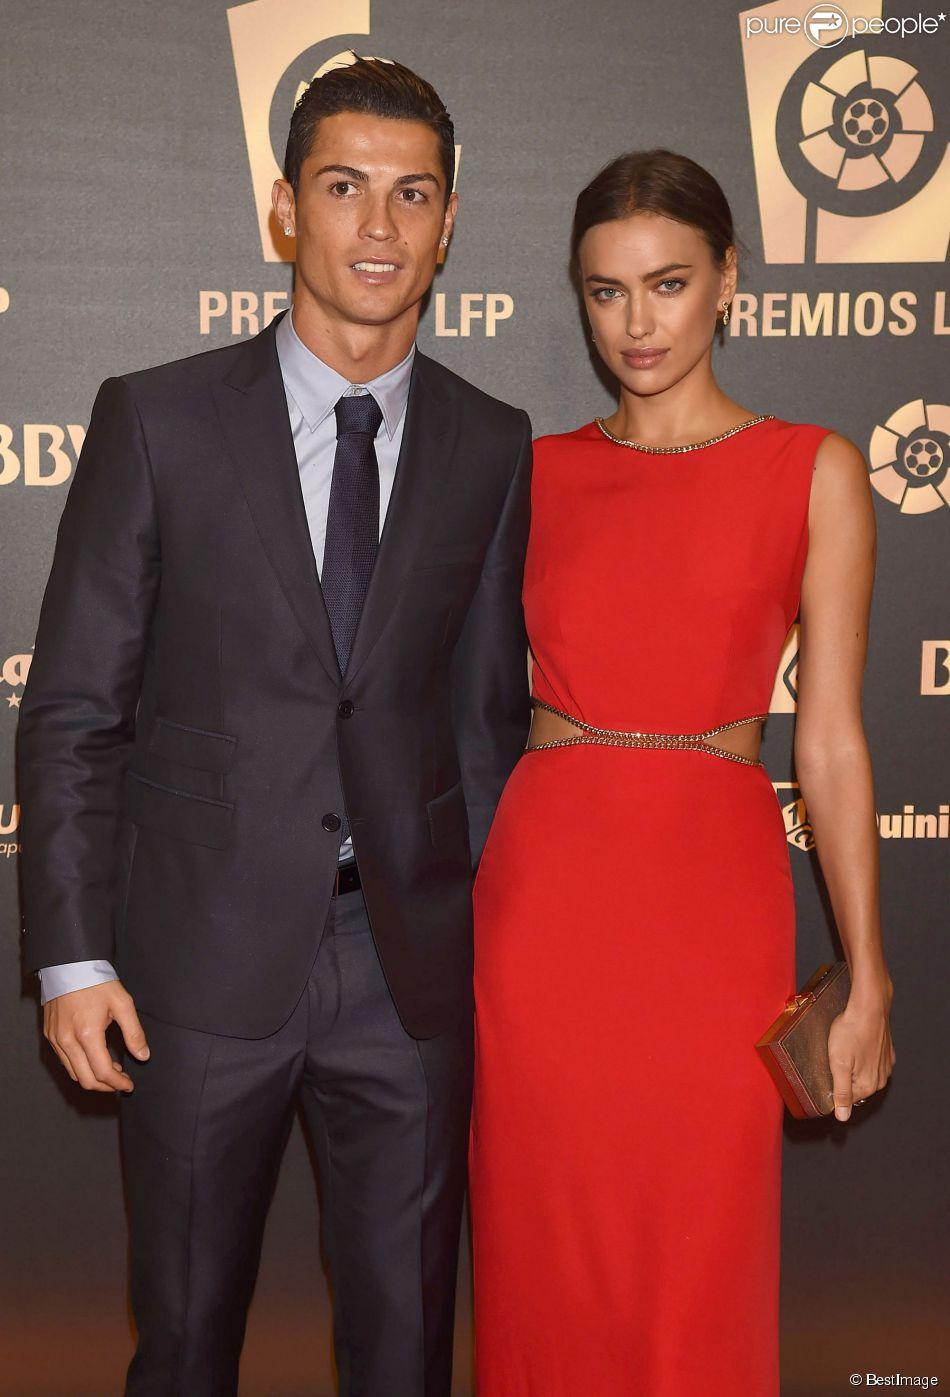 Cristiano Ronaldo et sa compagne Irina Shayk lors de la soirée de gala de la Liga à Madrid le 27 octobre 2014